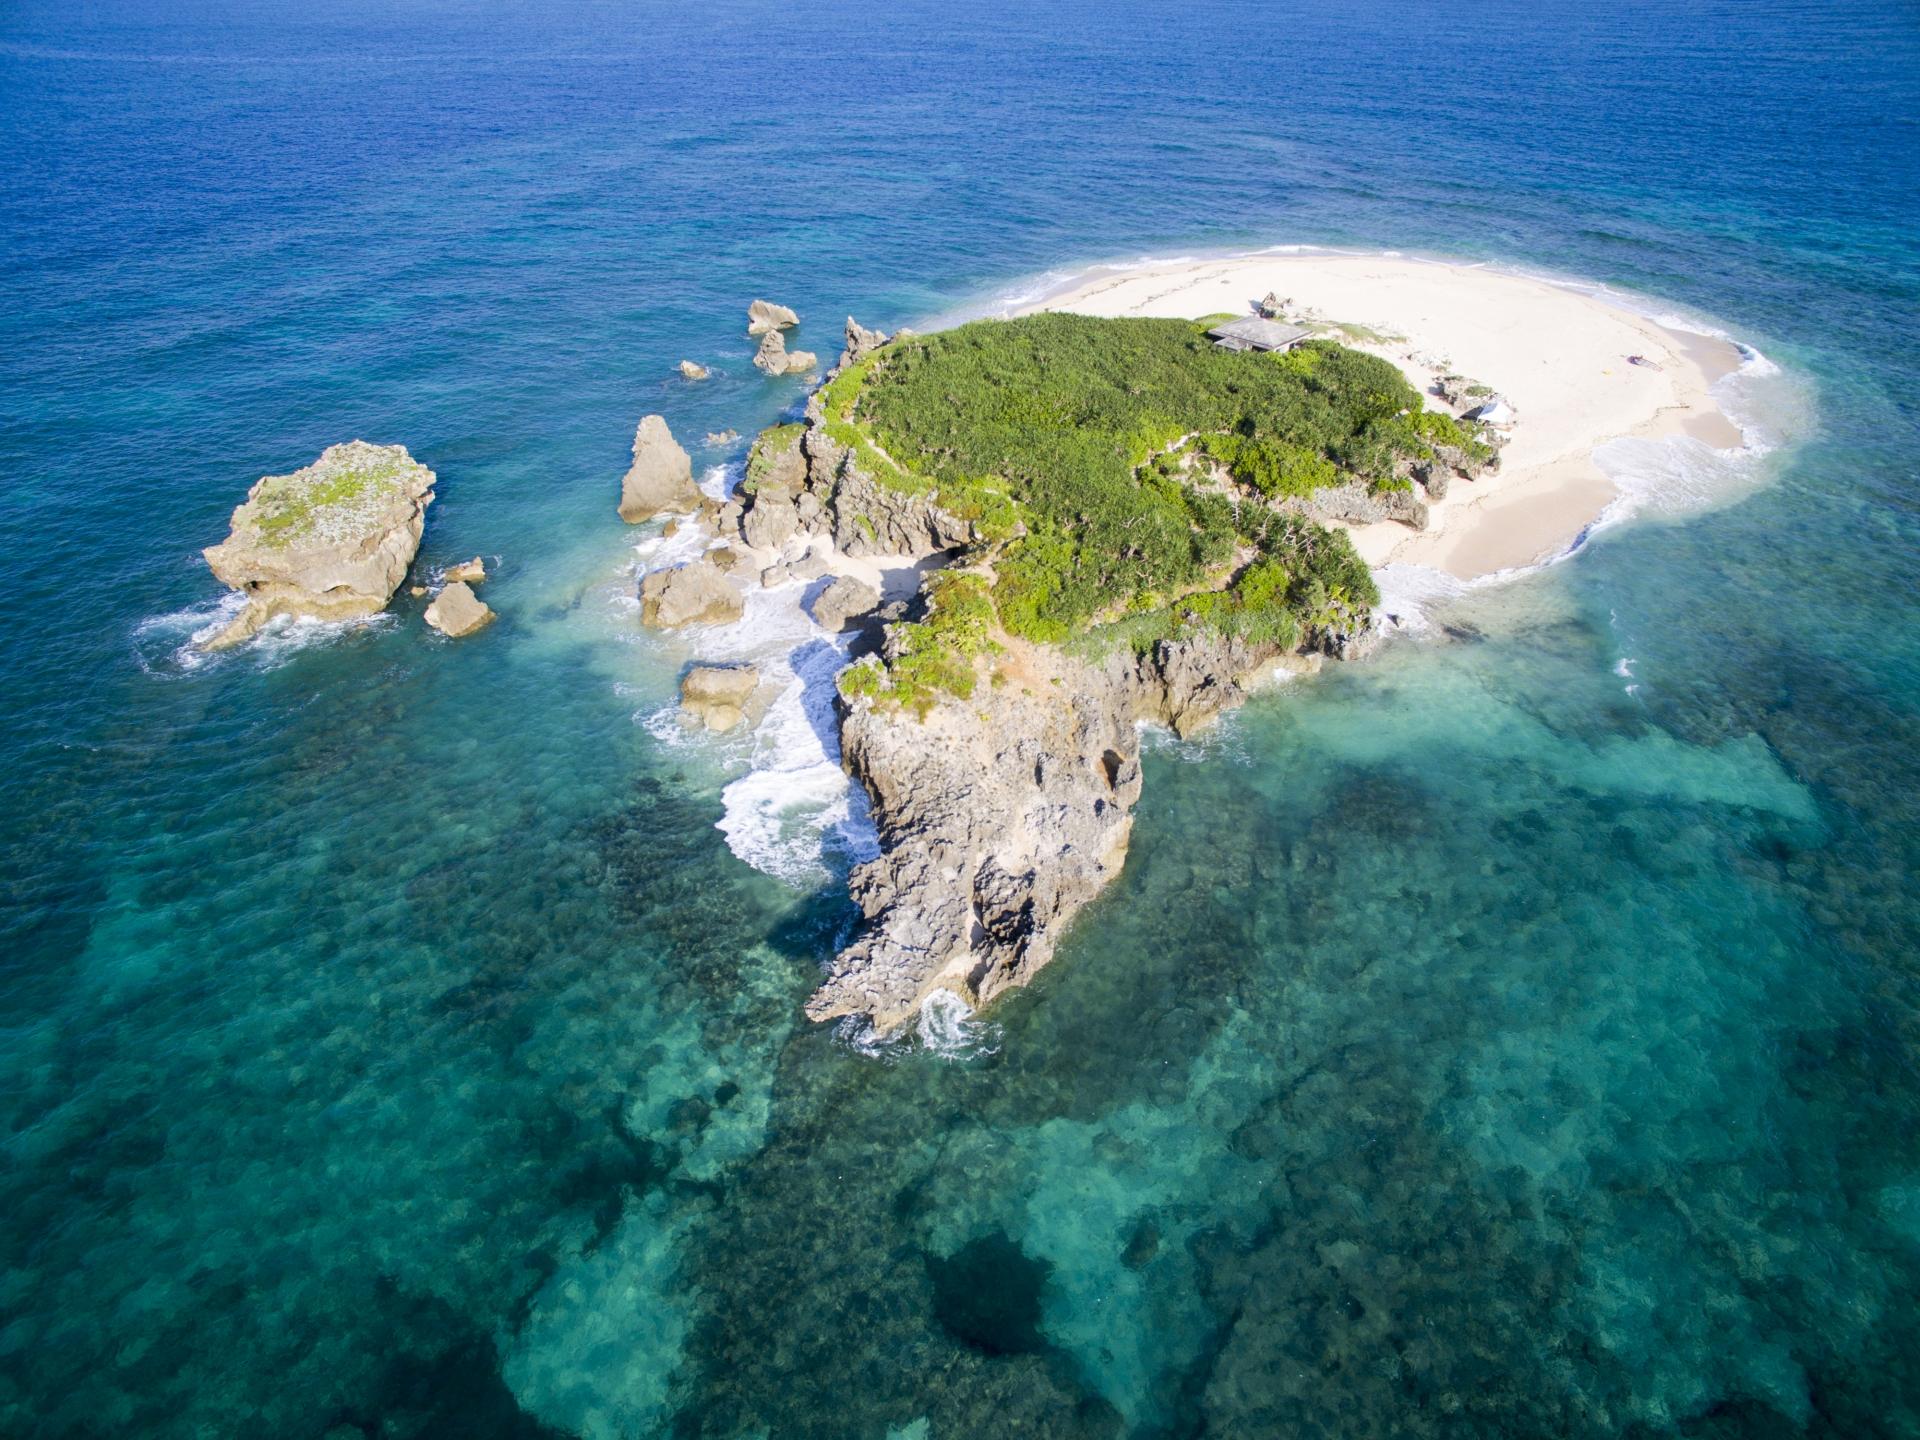 沖縄のコマカ島へ行こう!無人島でシュノーケルや魚の餌付けを楽しもう!